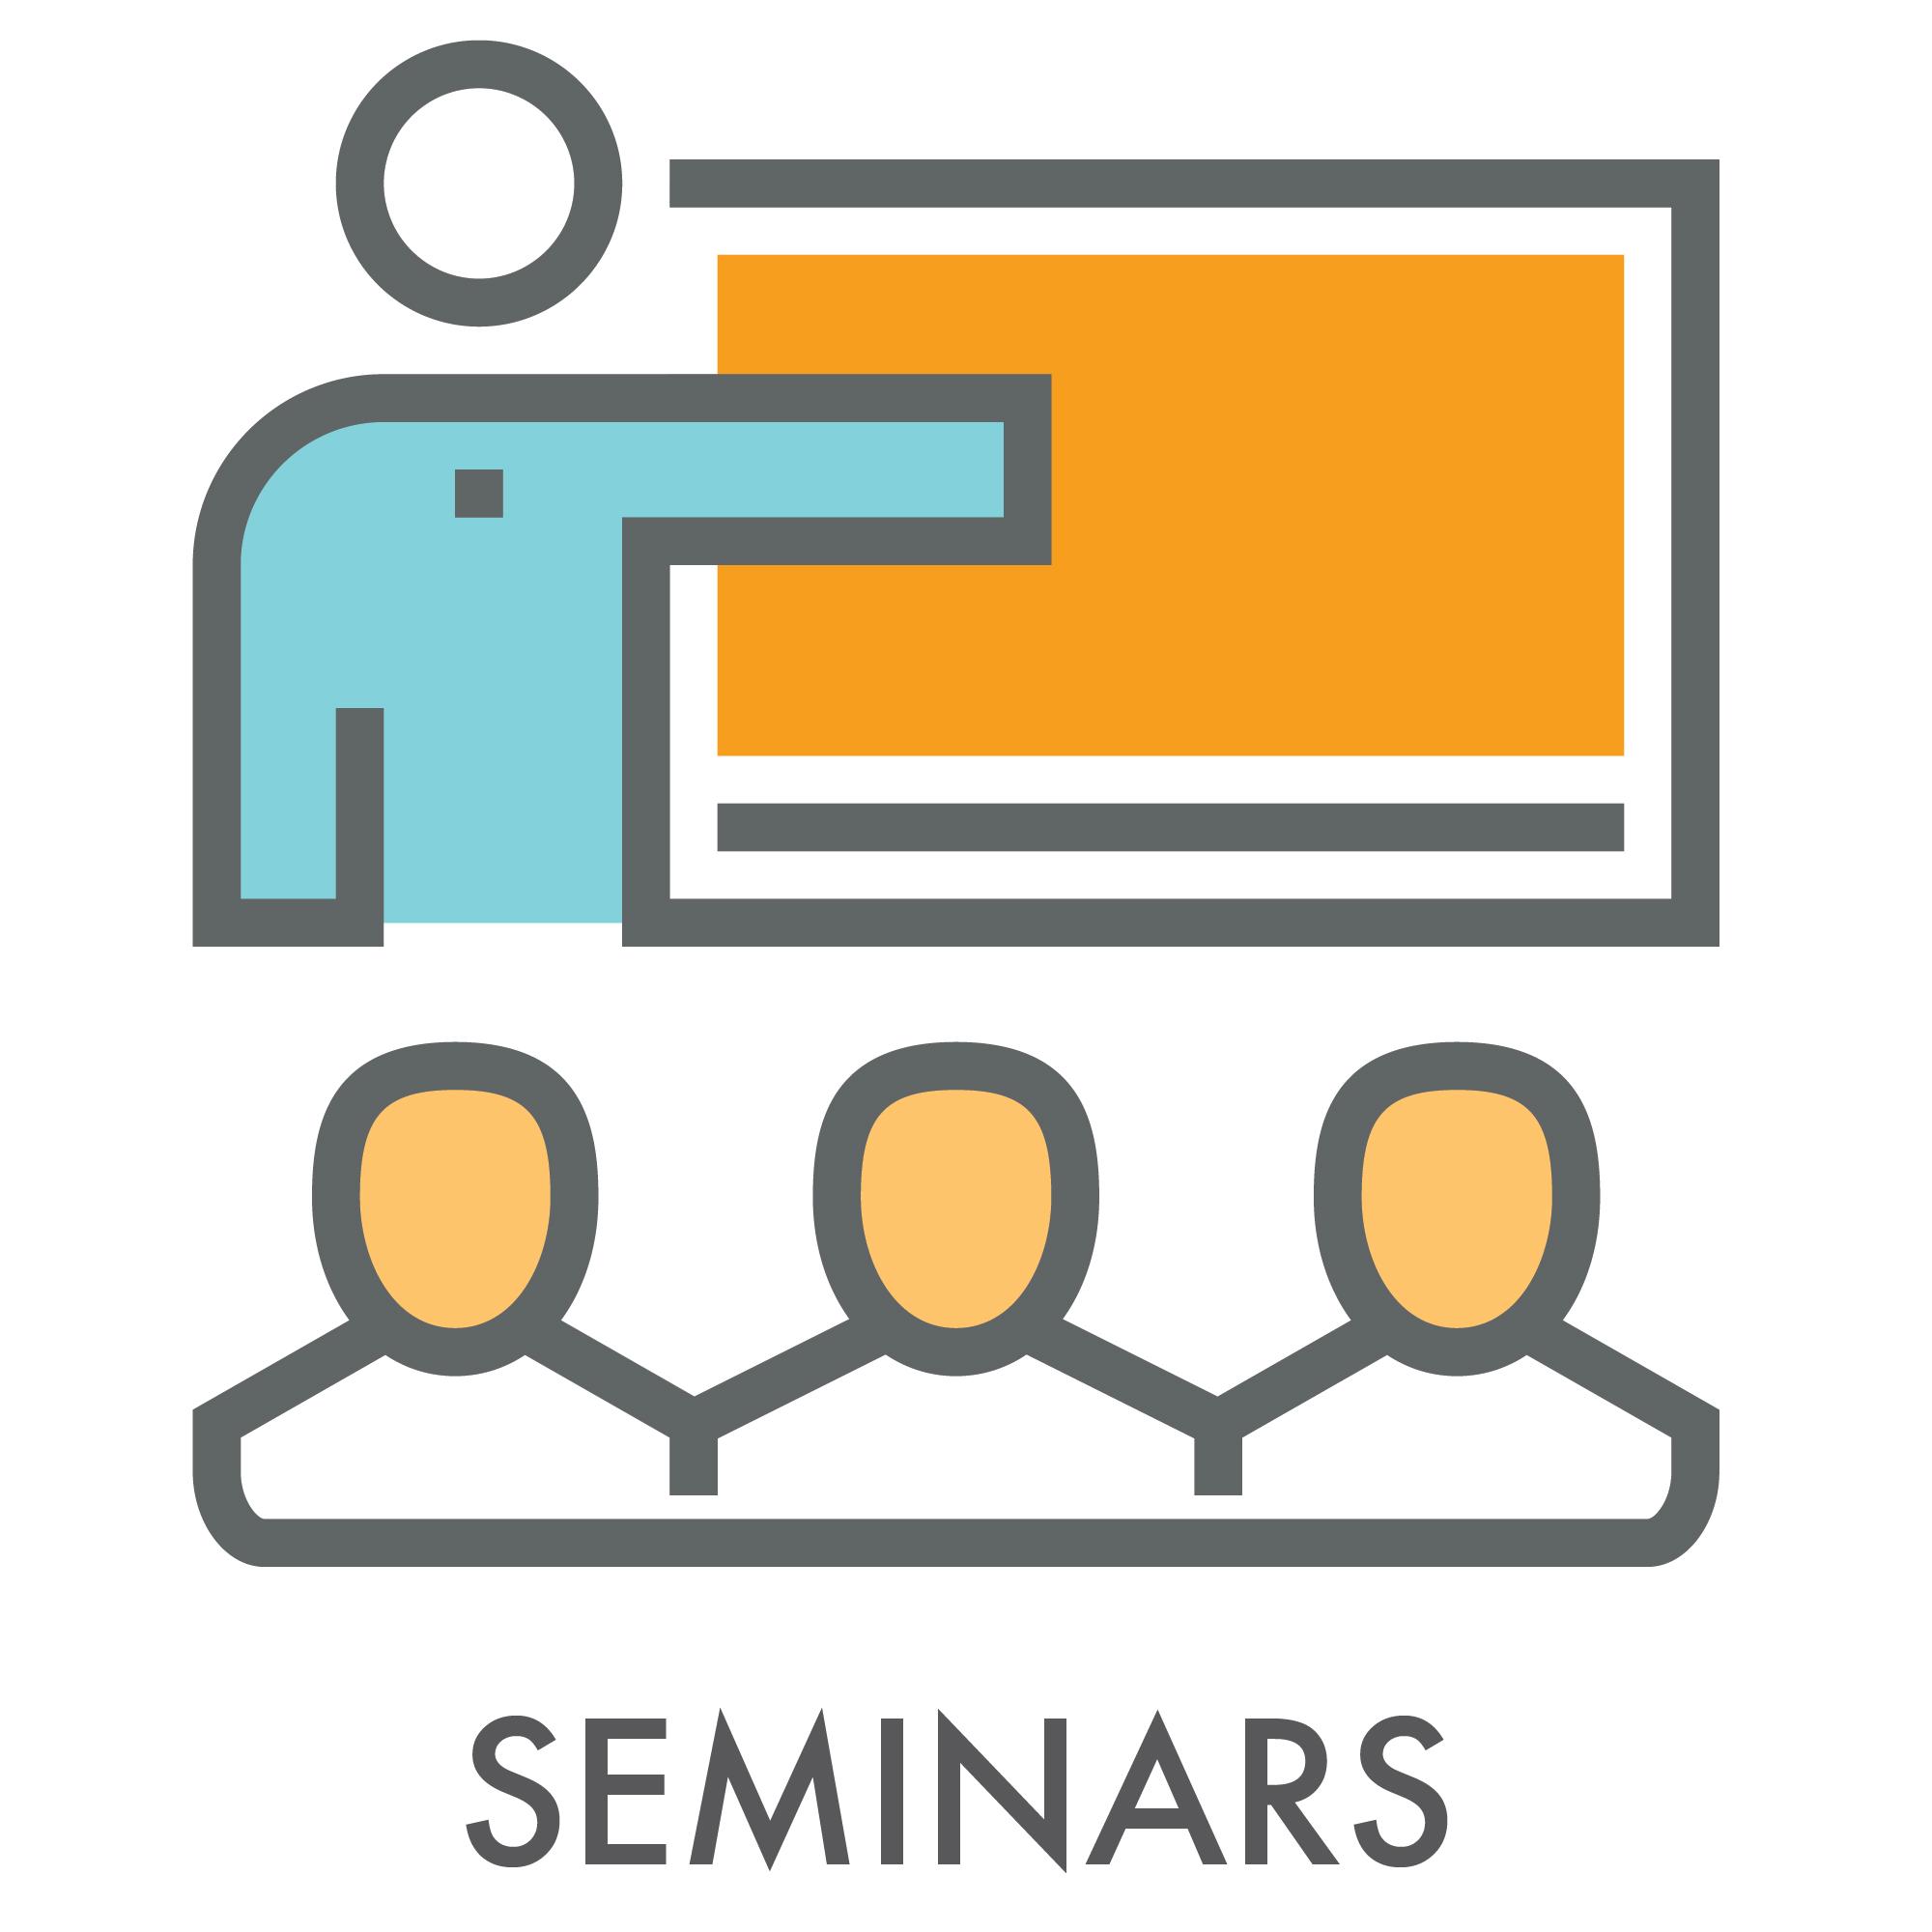 icon for seminars